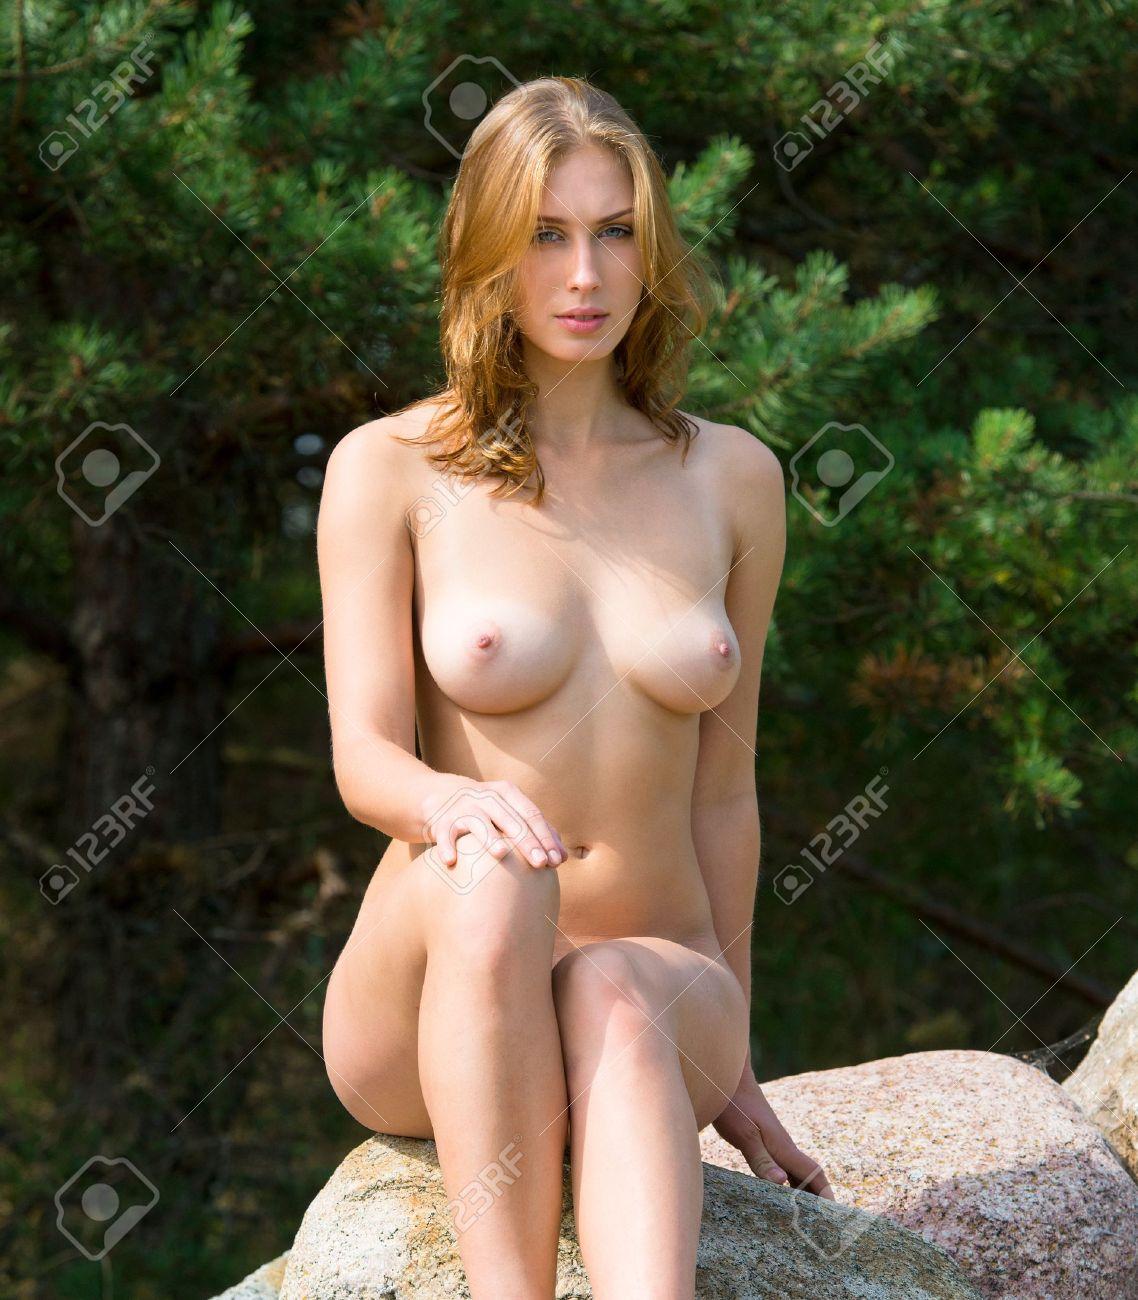 Amish naked woman